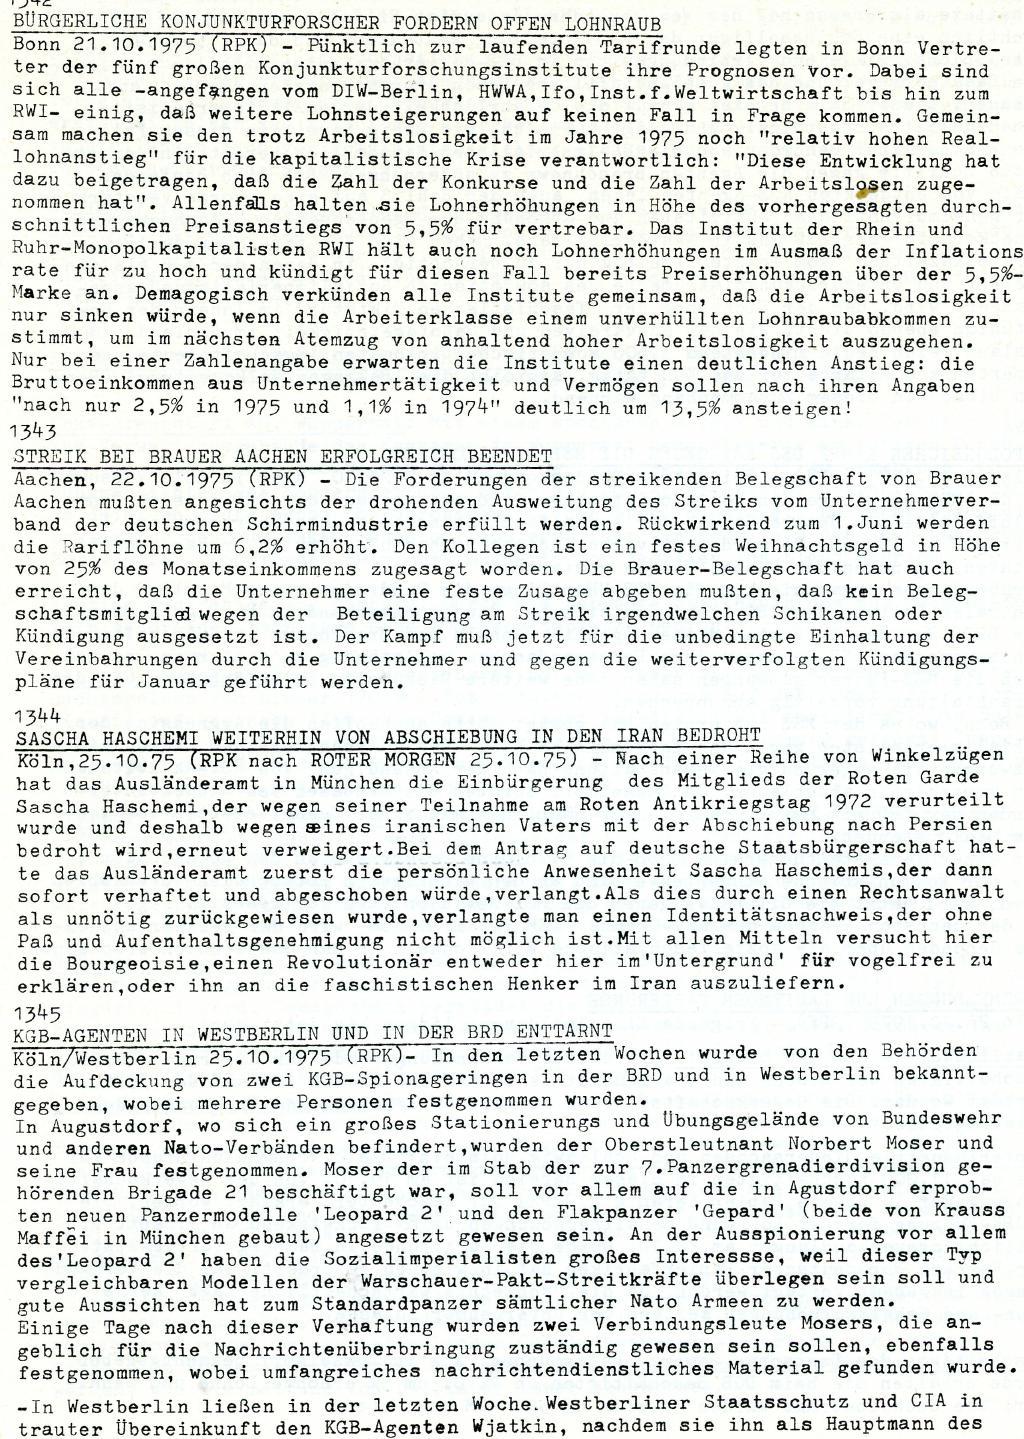 RPK_Pressedienst_1975_49_03